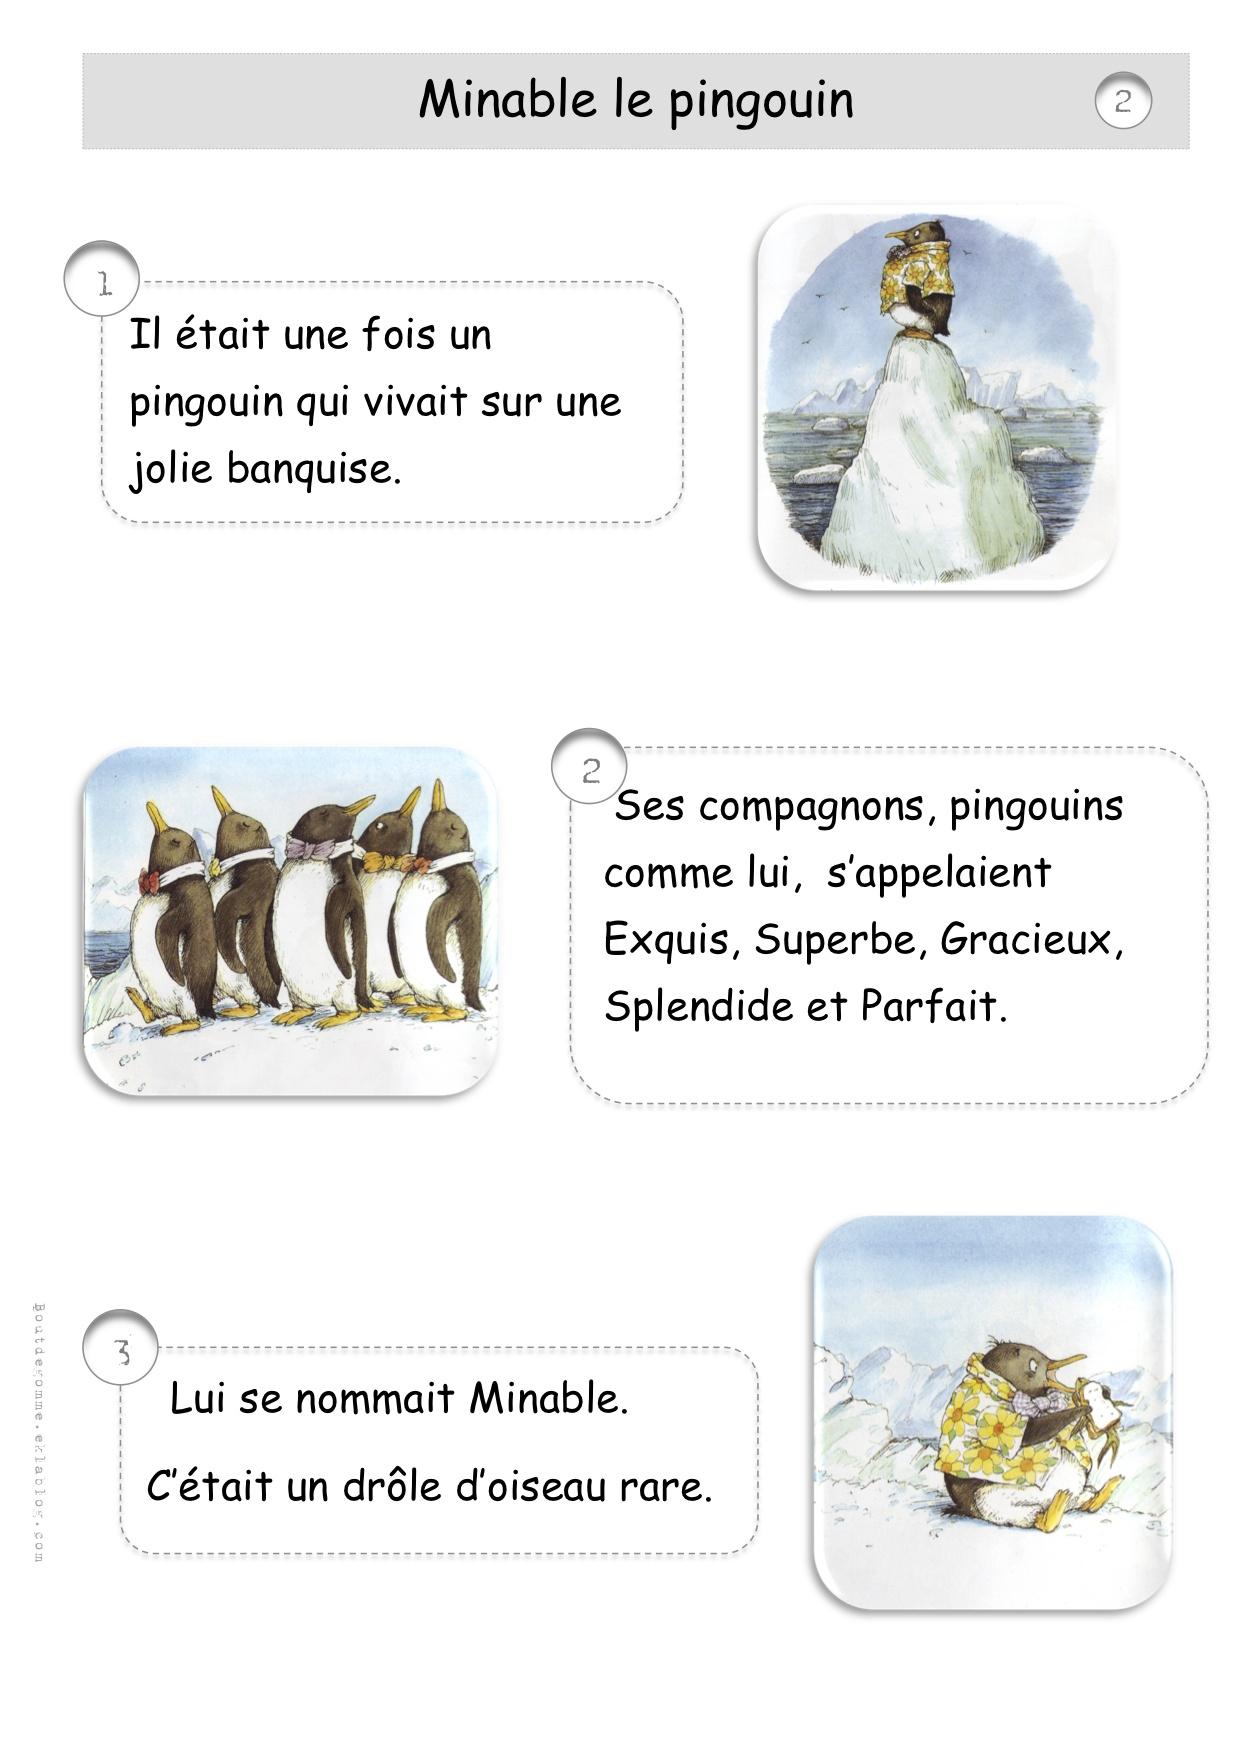 Minable le pingouin cp bout de gomme - Coloriage minable le pingouin ...